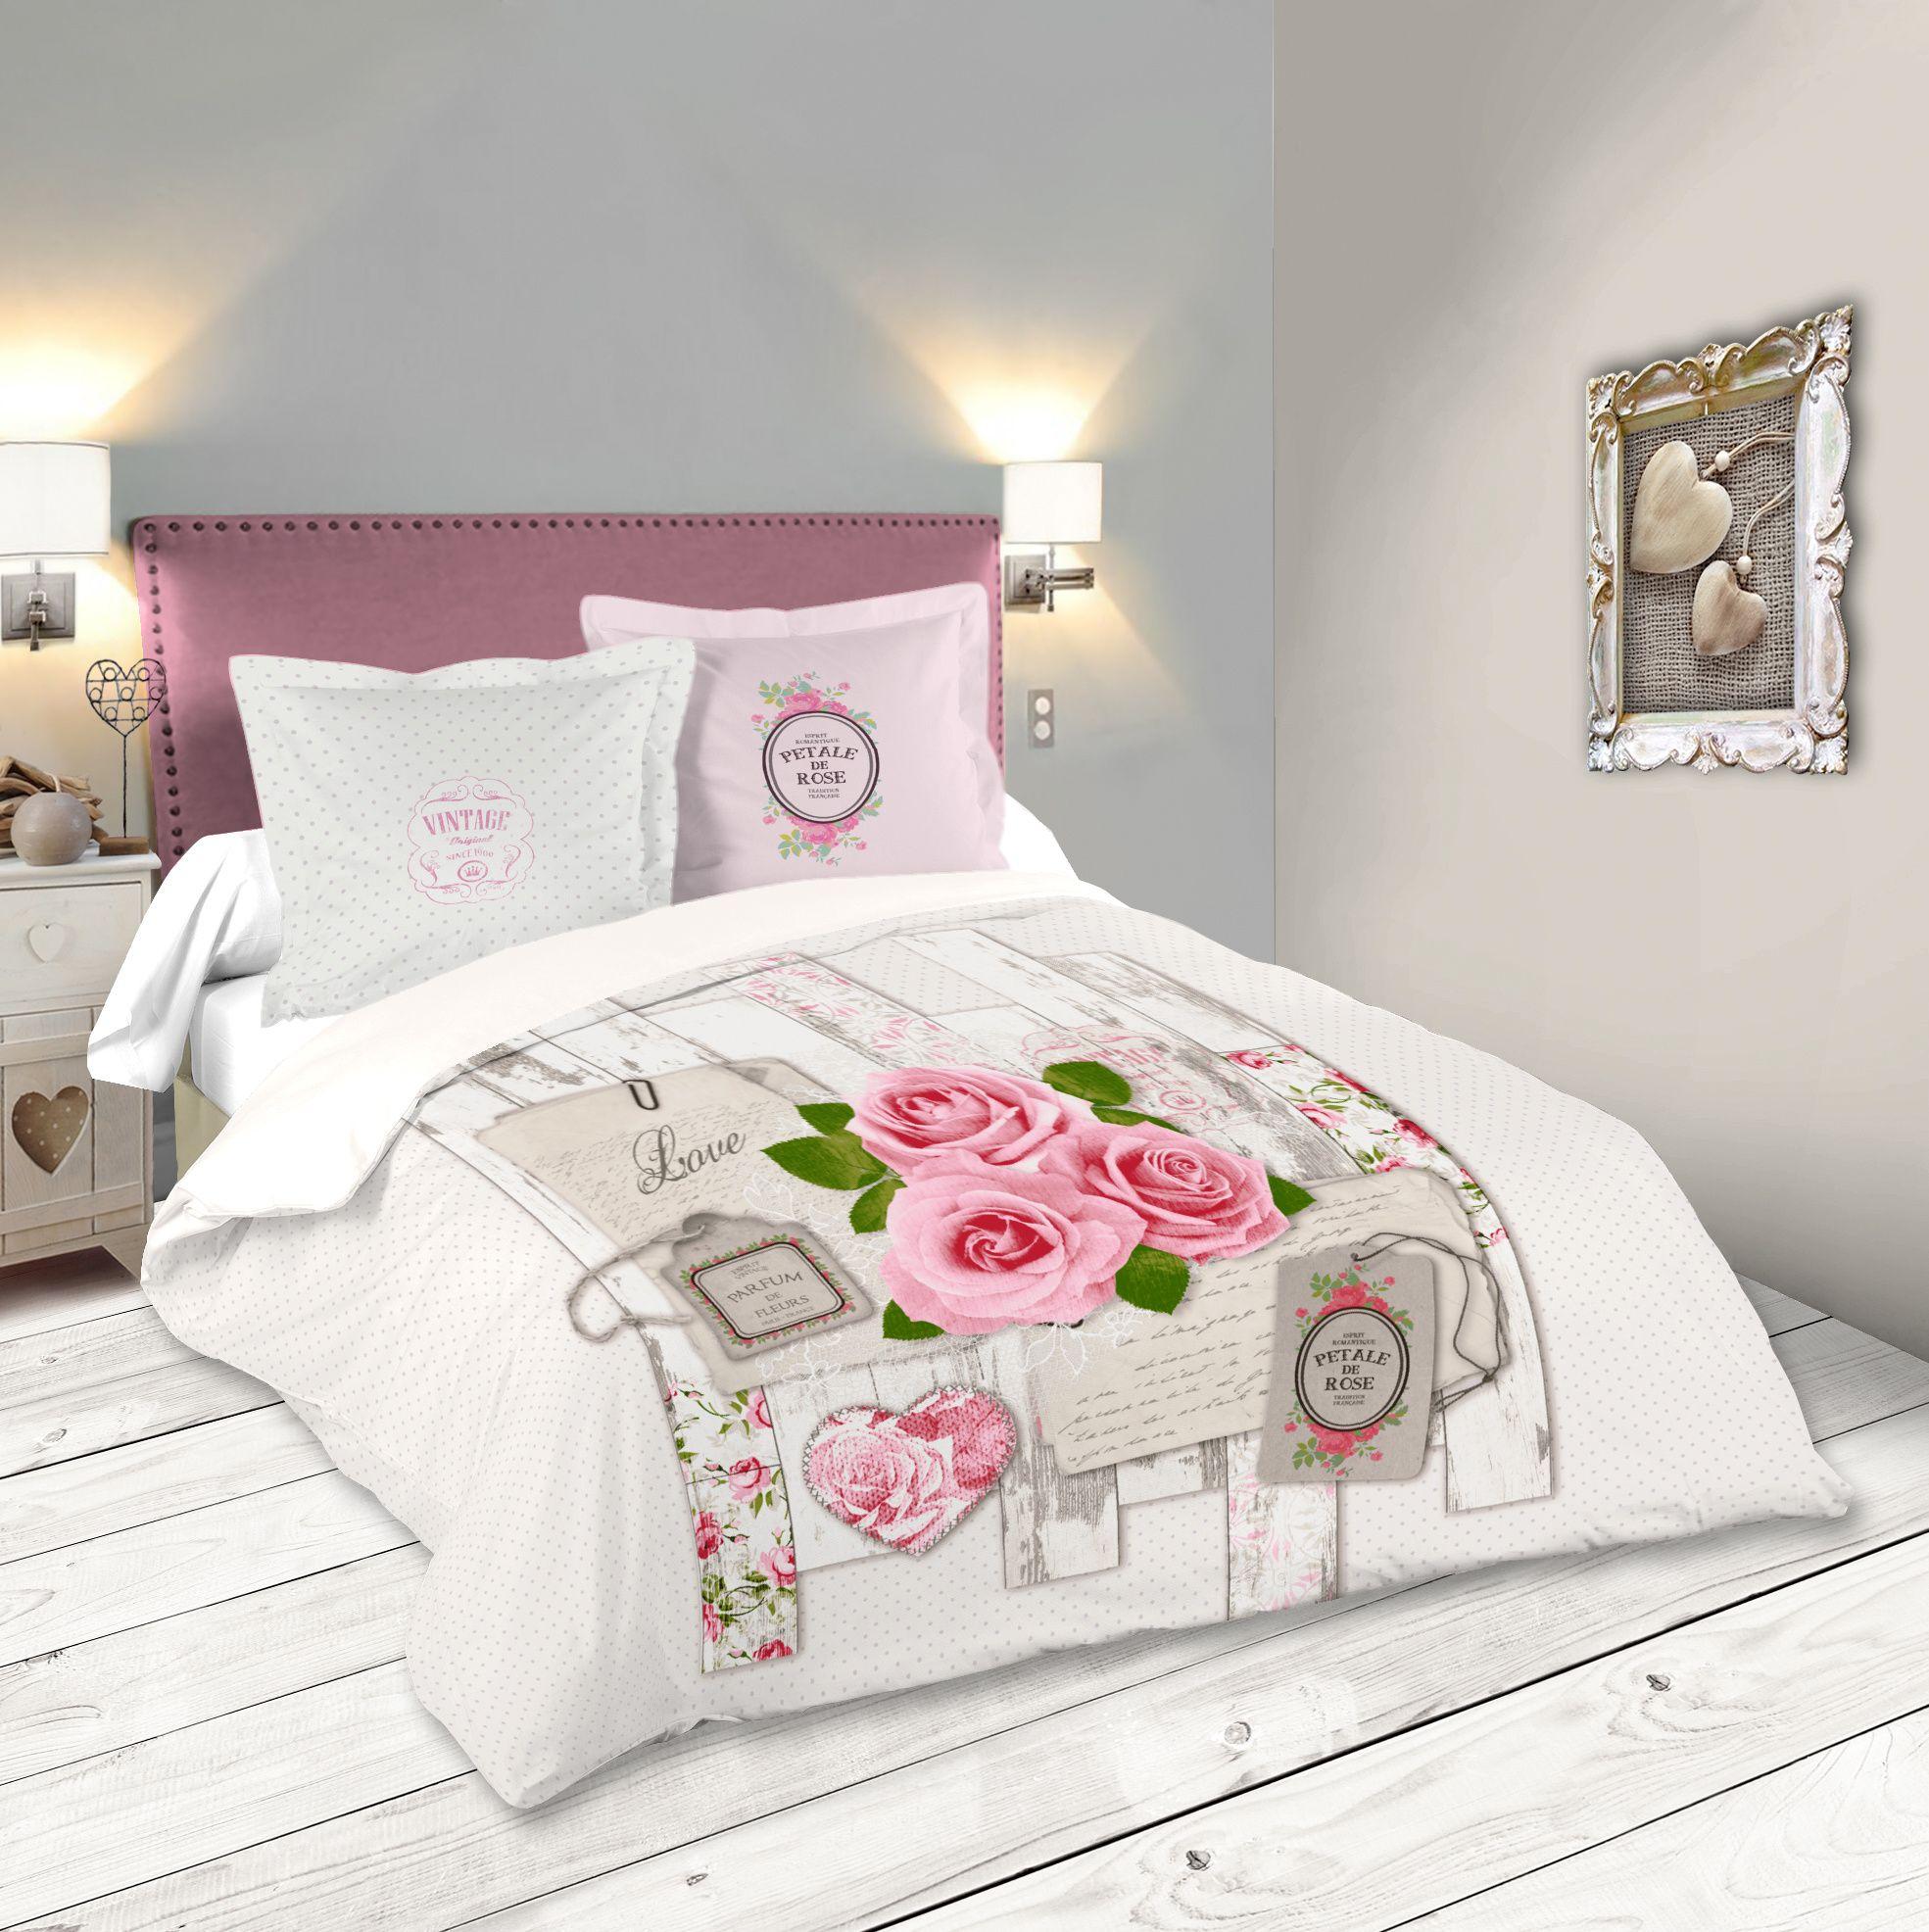 Parure De Lit Romantique Motifs Roses 240x220cm Housse De Couette 2 Taies 63x63cm Capeline Inf Parure De Lit Housse De Couette Romantique Housse De Couette